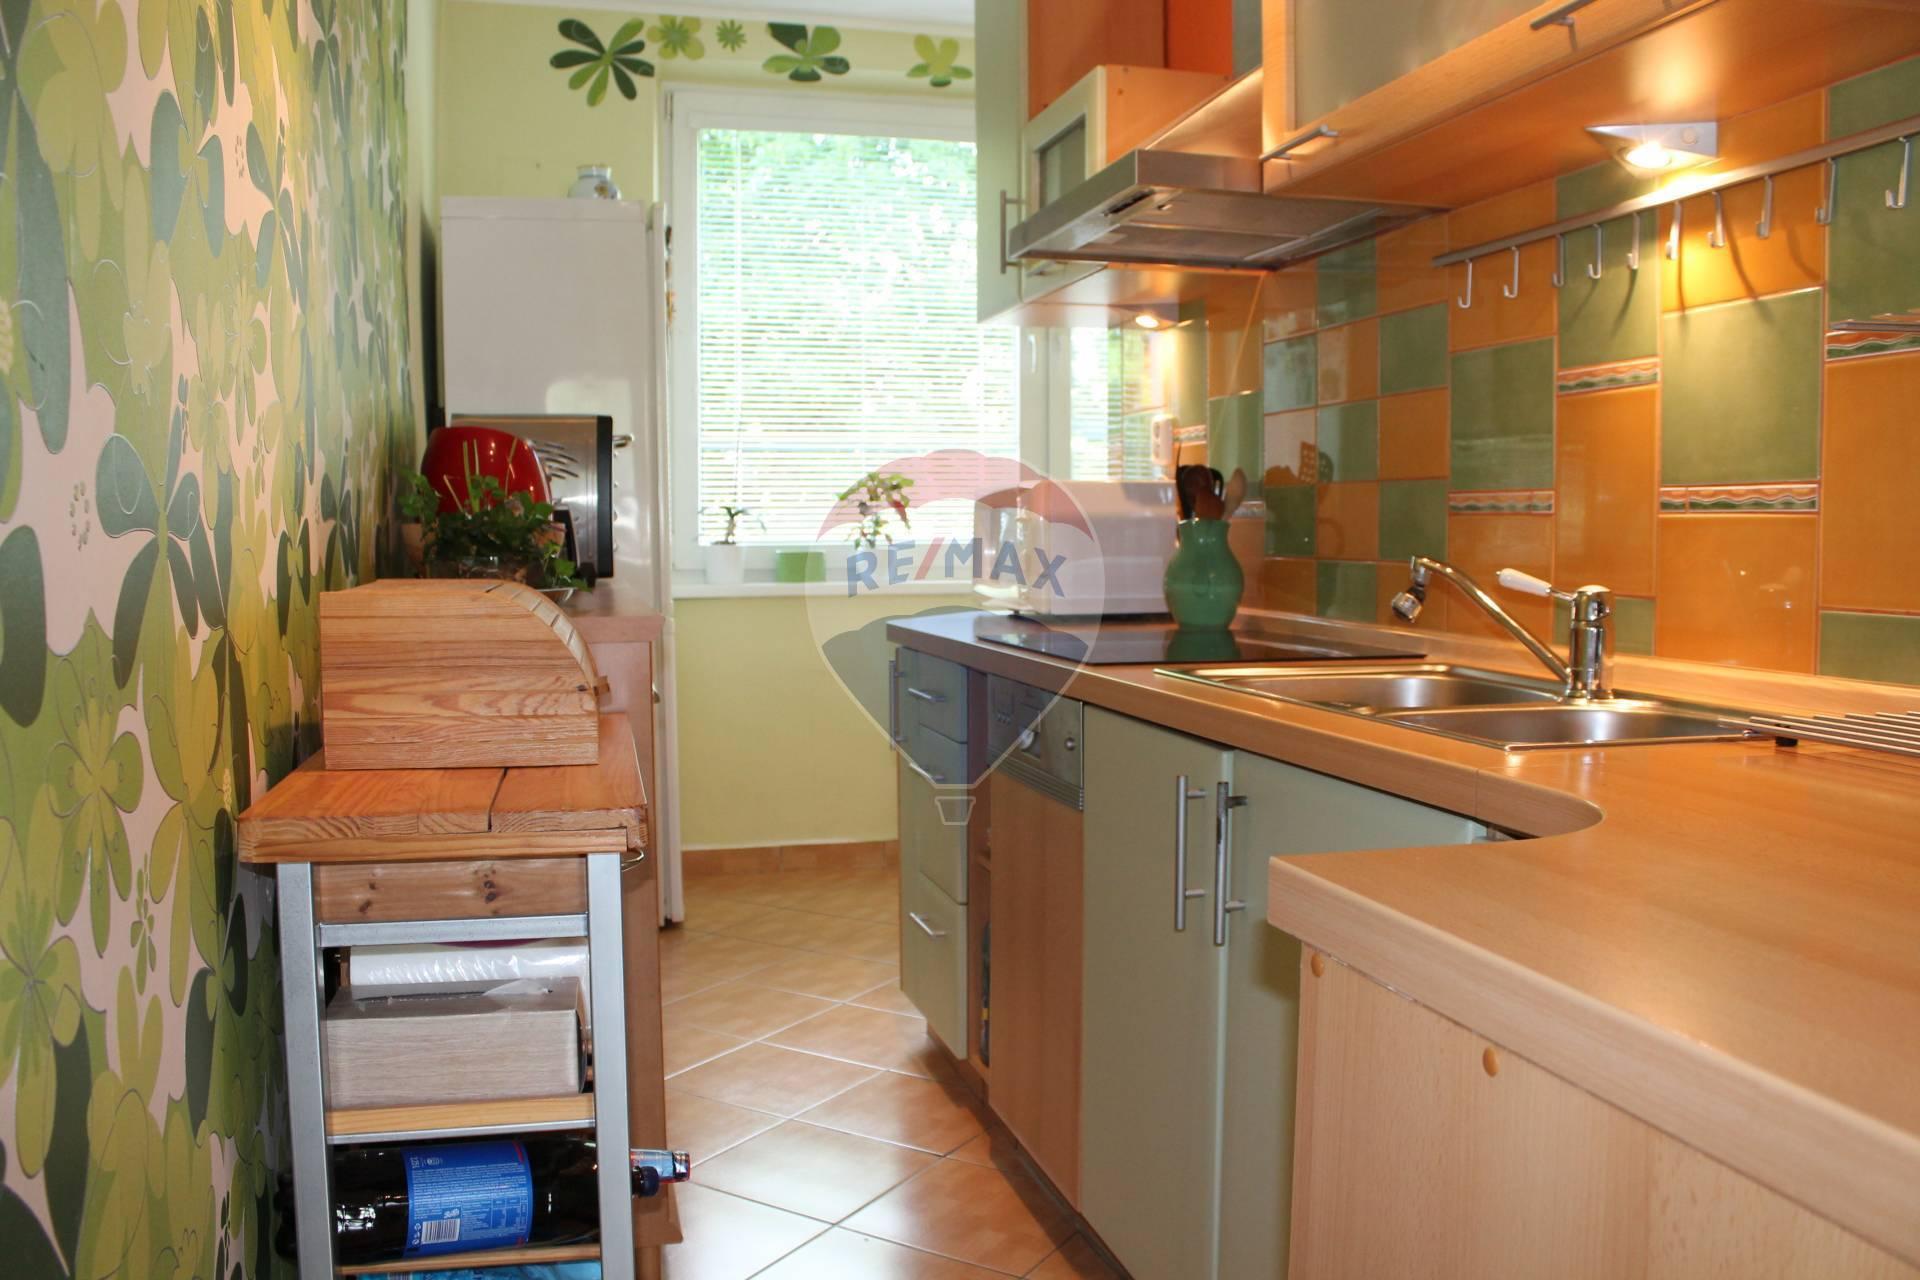 PREDAJ : 2 izb. byt, kompletná rekonštrukcia, Stavbárska ul.